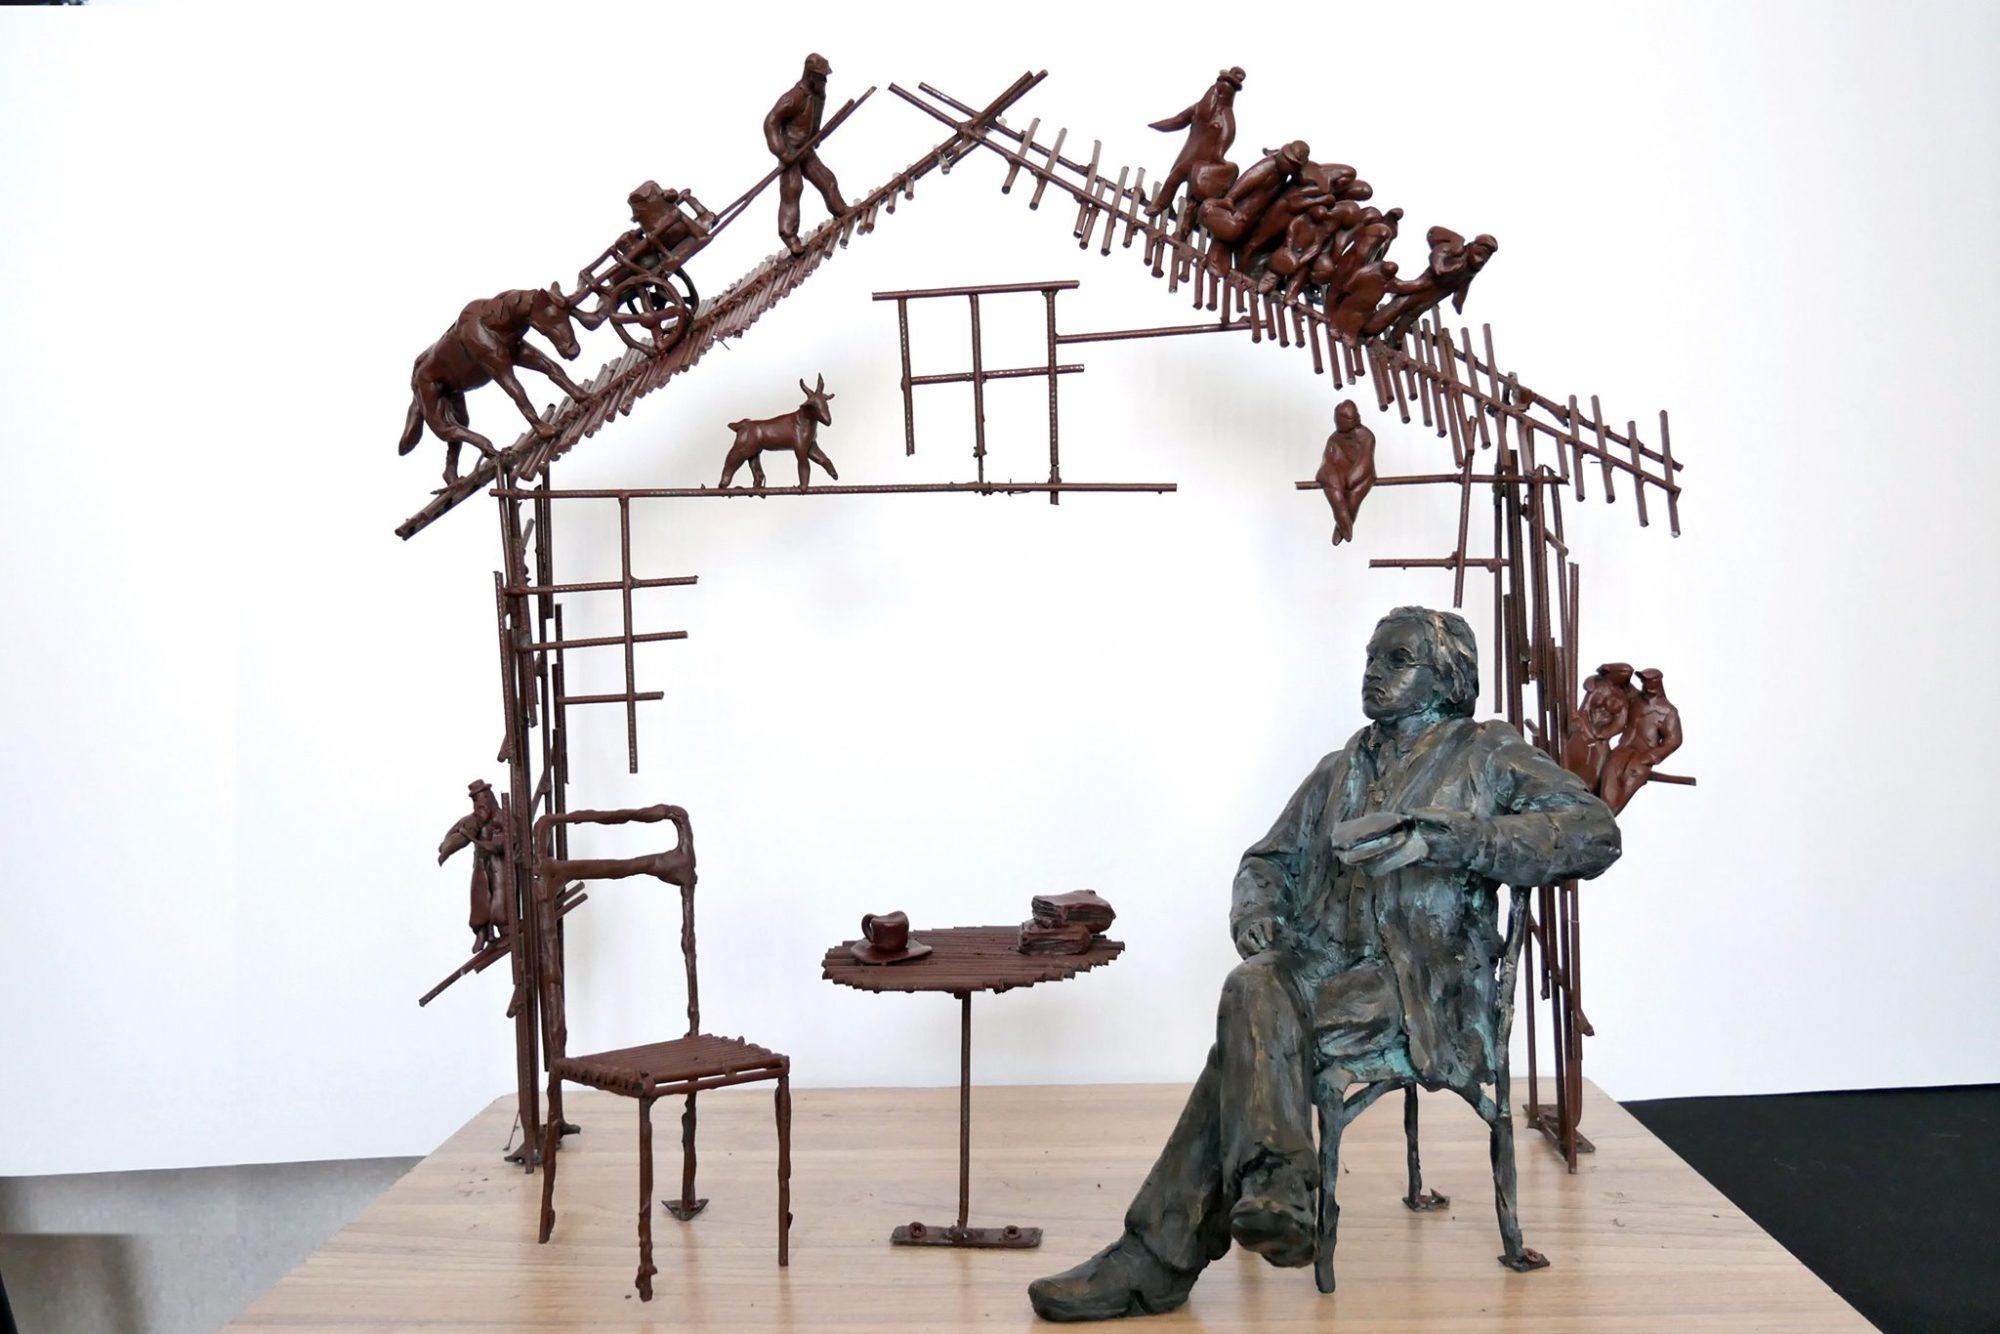 61400343_2063247197310779_1160002161921228800_o-2000x1334 У Білій Церкві з'явиться скульптура Шолом-Алейхему